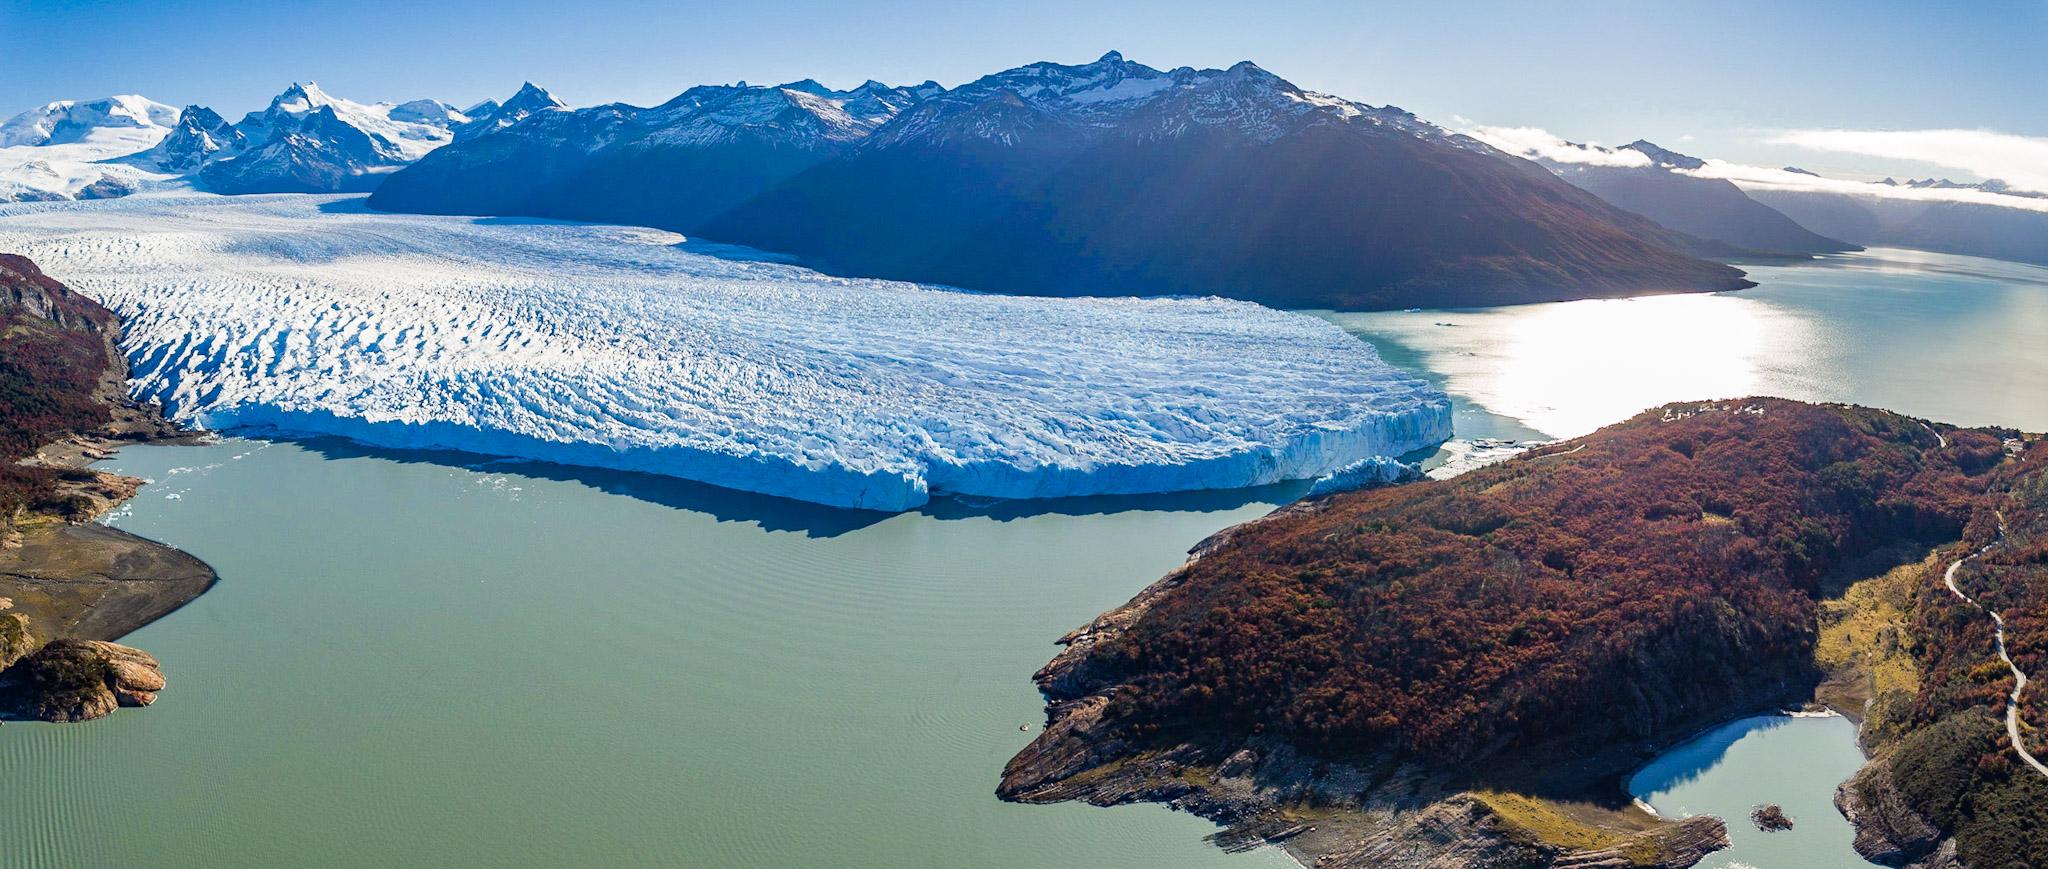 Glaciar Perito Moreno - Florian von der Fecht